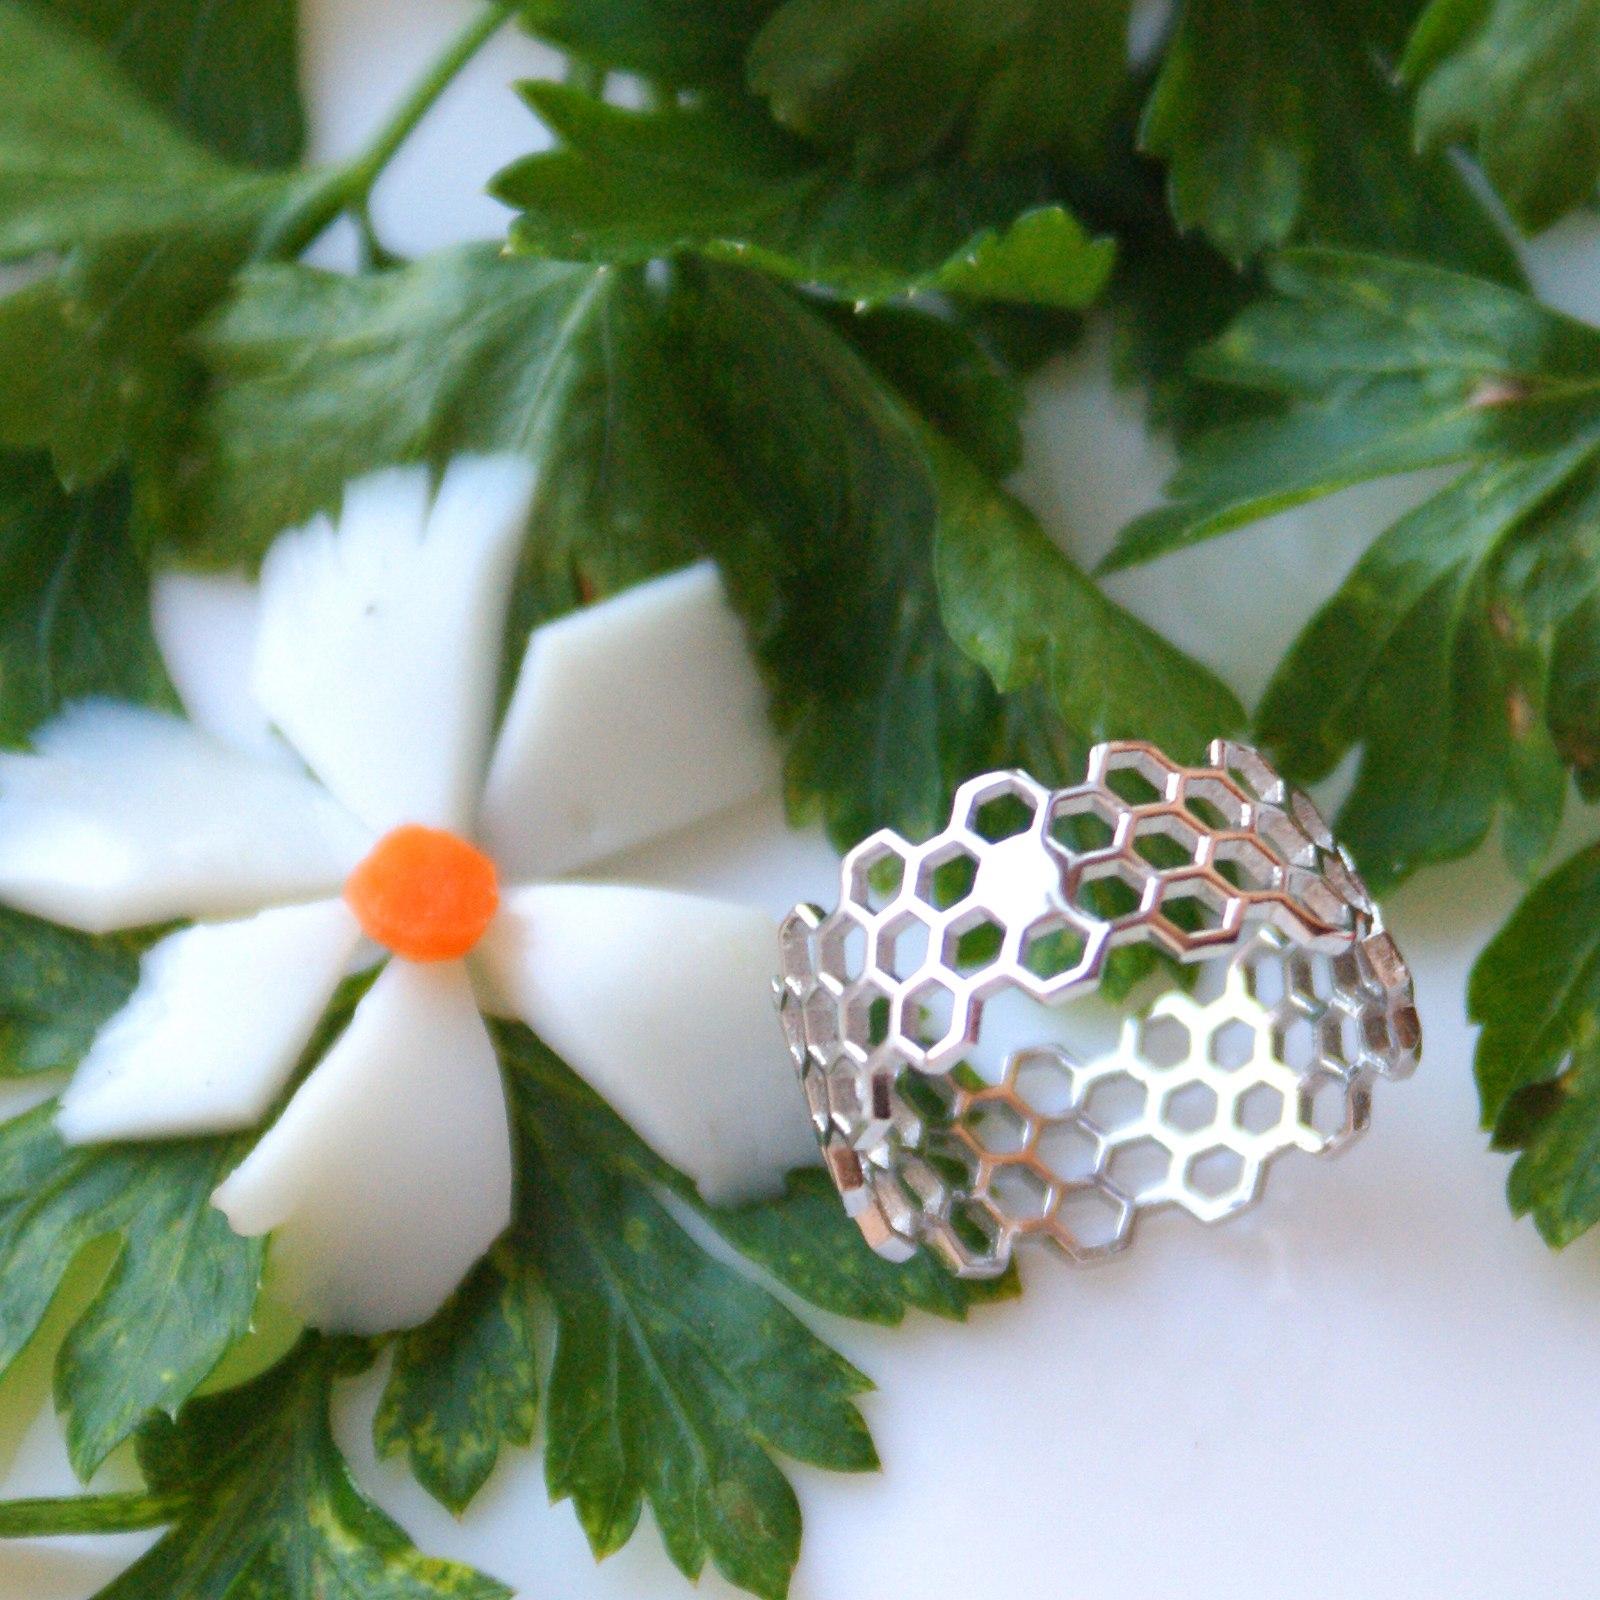 Серебряное кольцо с сотами из магазина Bepas Grocery Store